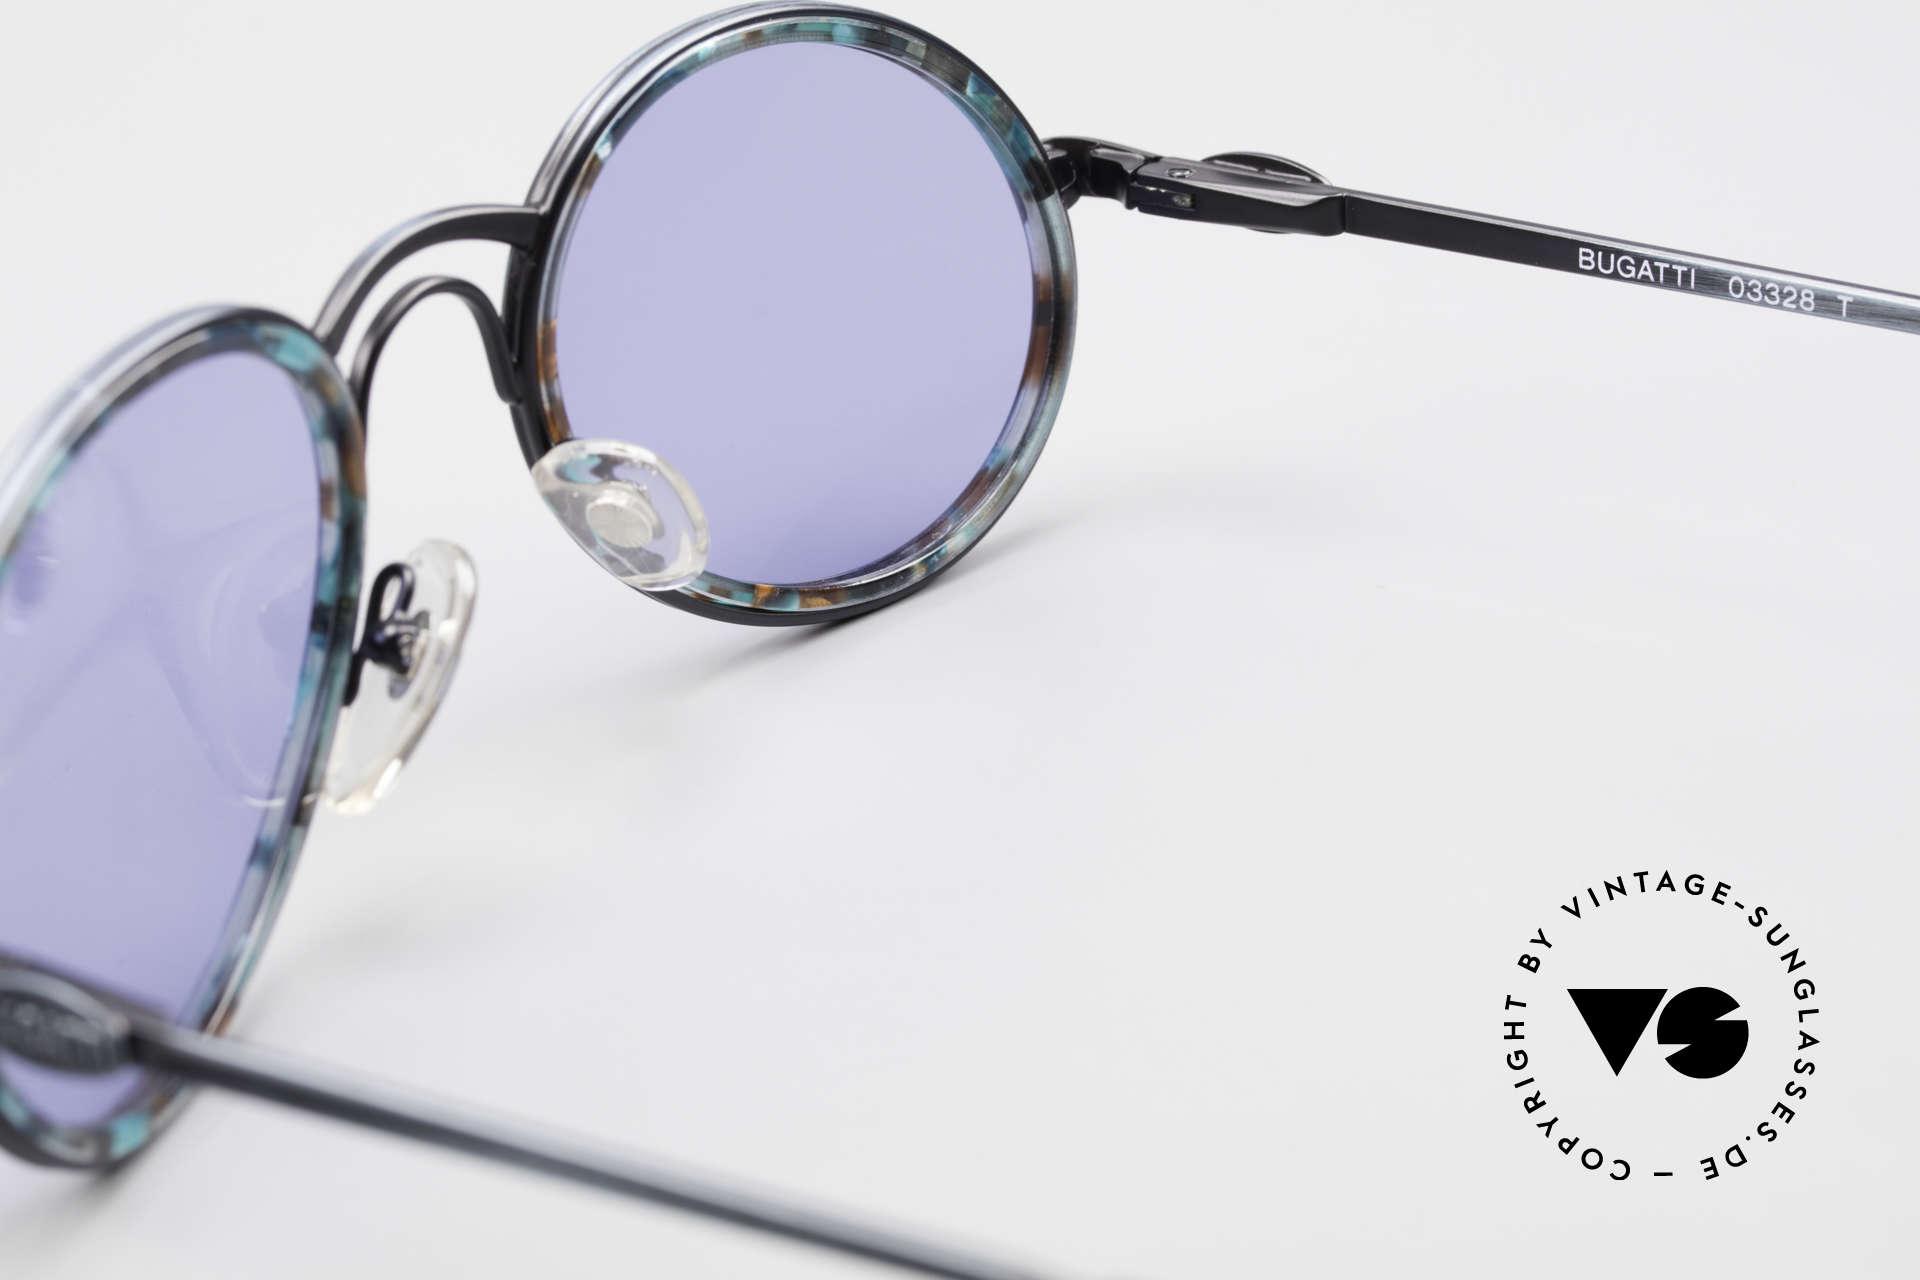 Bugatti 03328T 80's Bugatti Men's Sunglasses, the blue sun lenses can be replaced with prescriptions, Made for Men